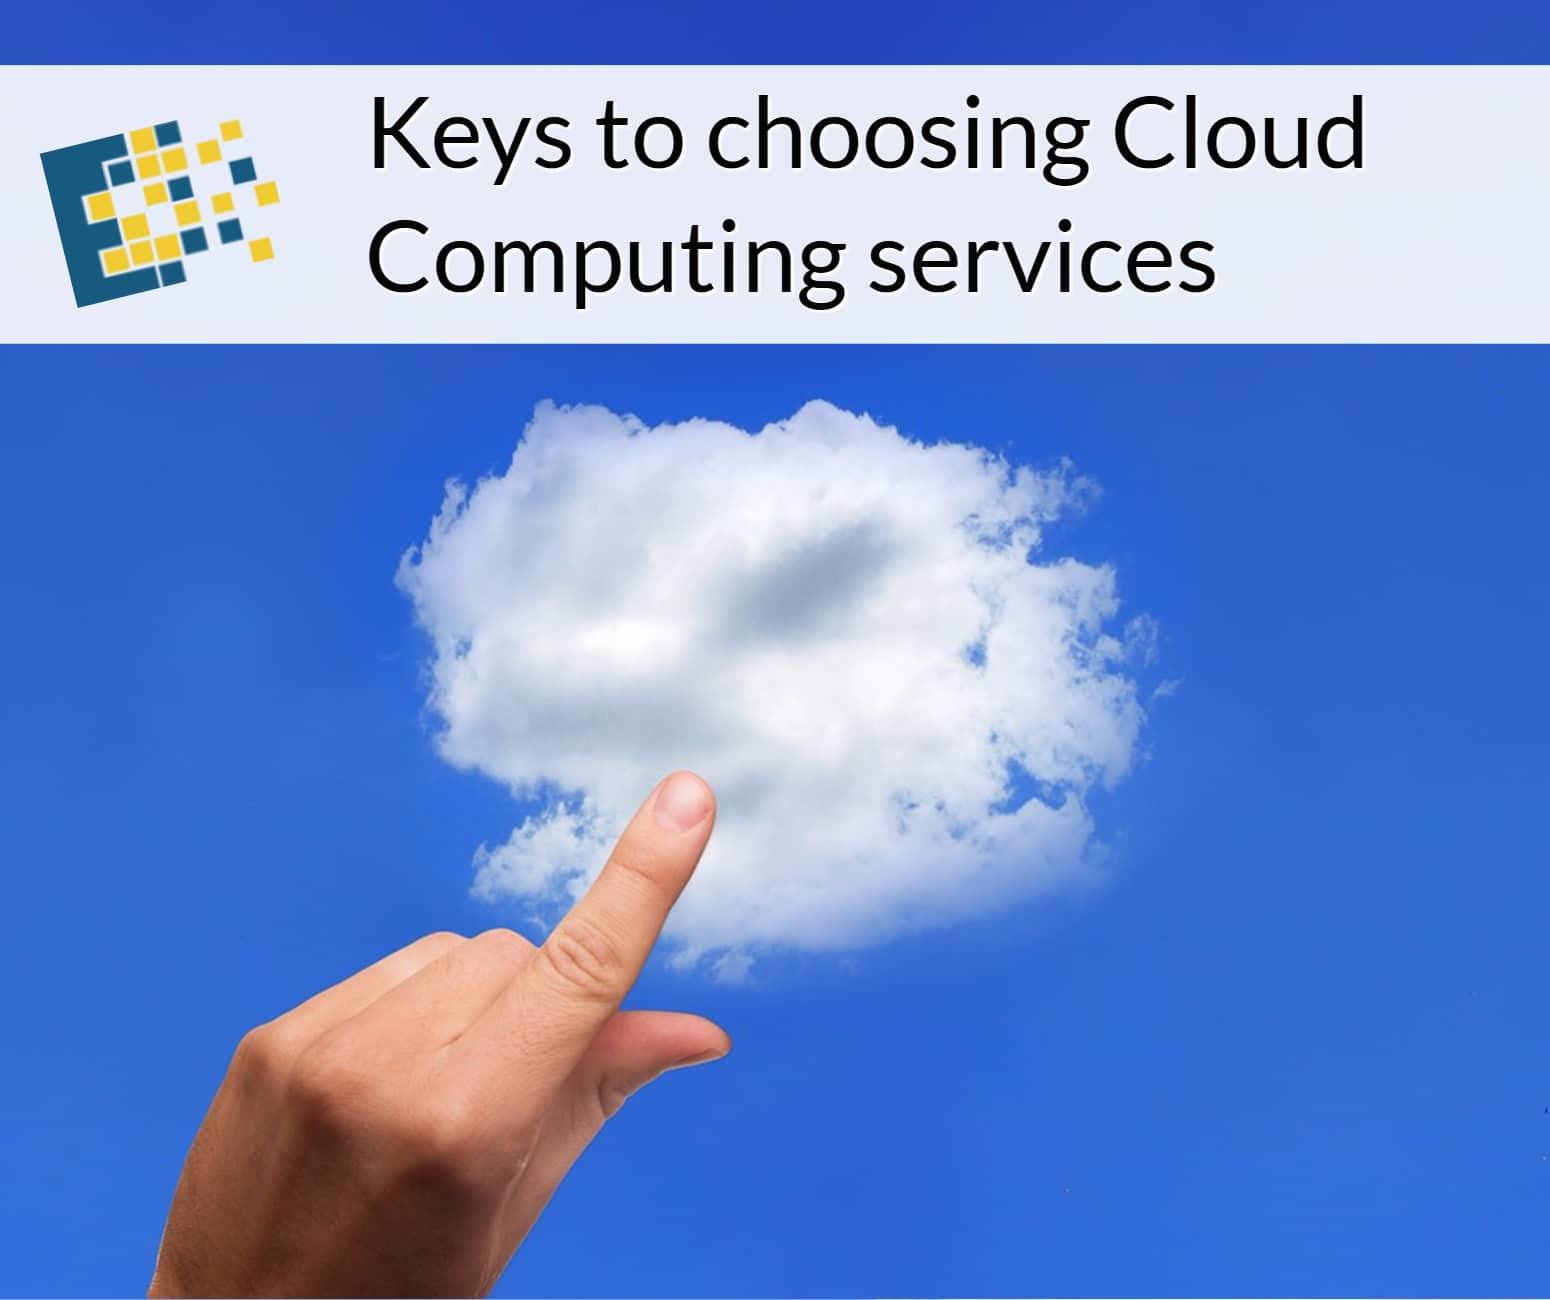 Keys to choosing Cloud